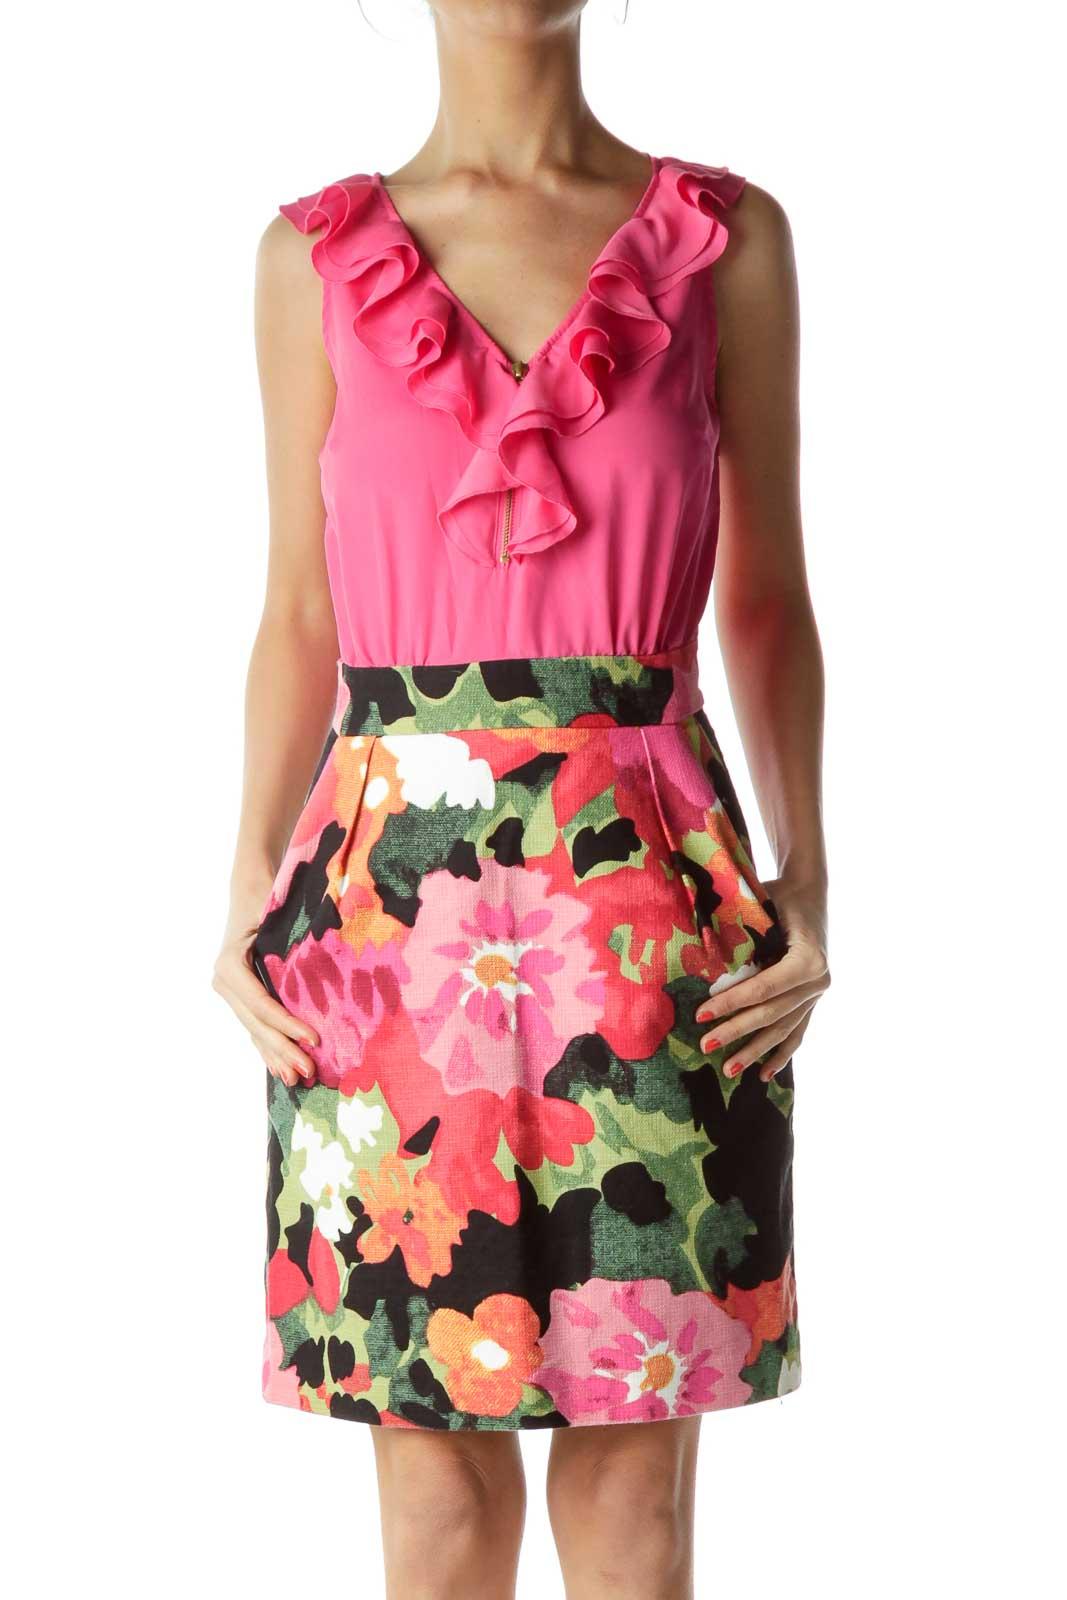 Pink Ruffle Sleeveless Sheath Dress Front